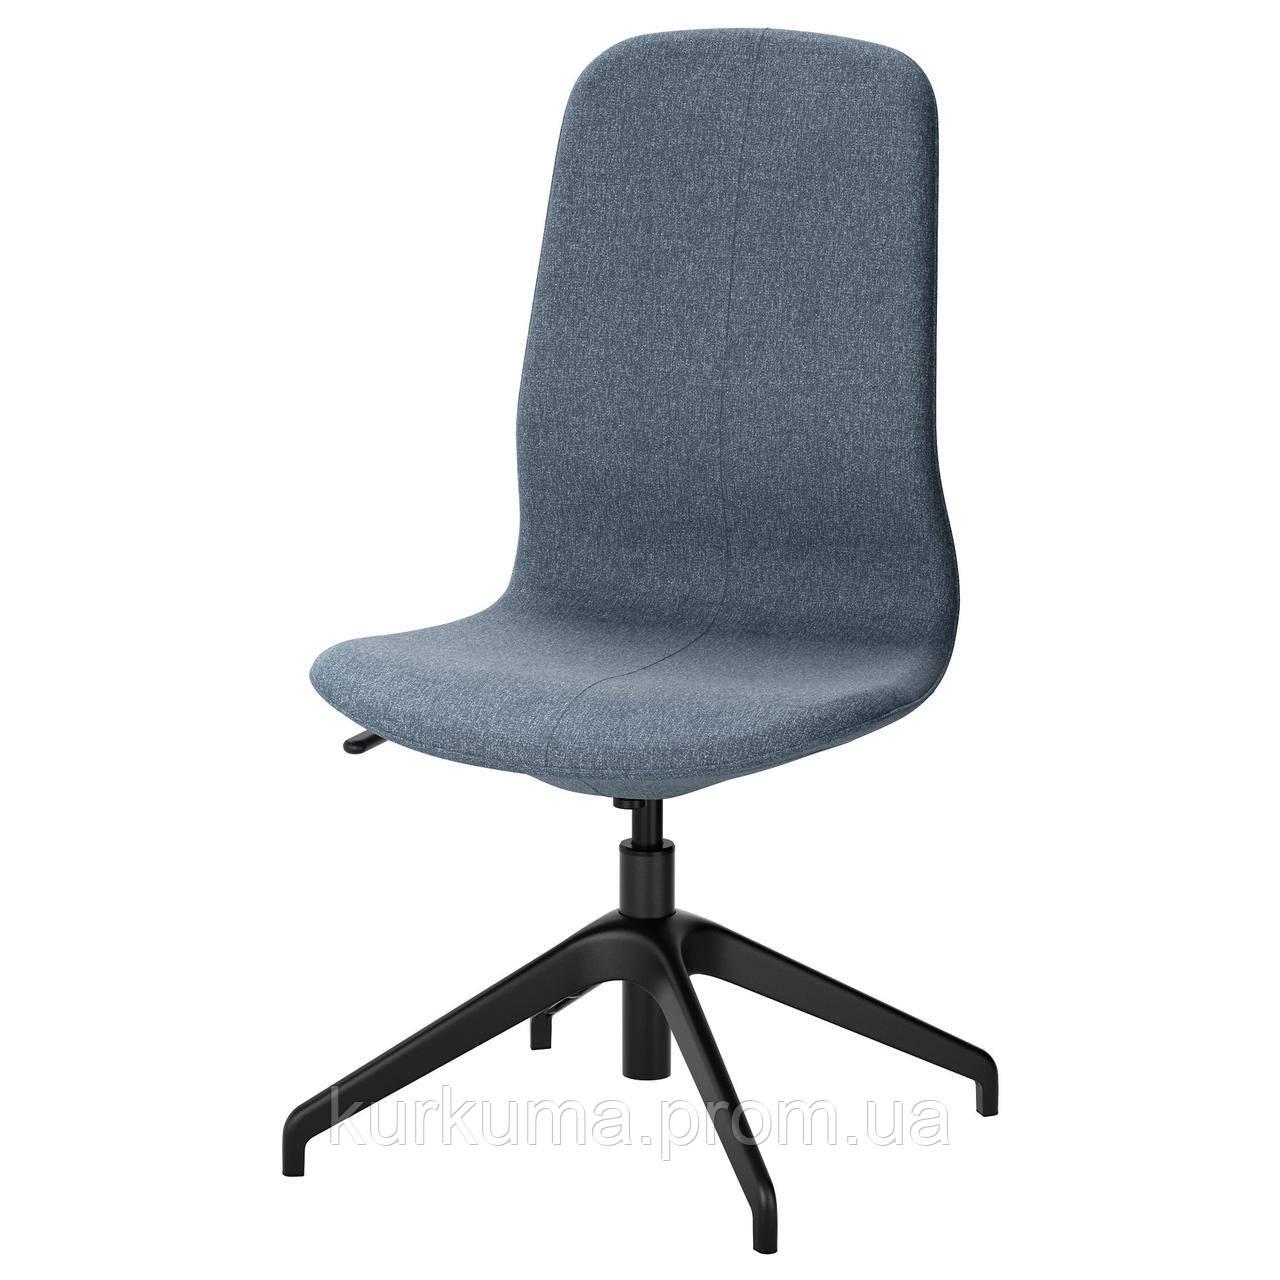 IKEA LANGFJALL Рабочий стул, синее, черный  (291.751.17)